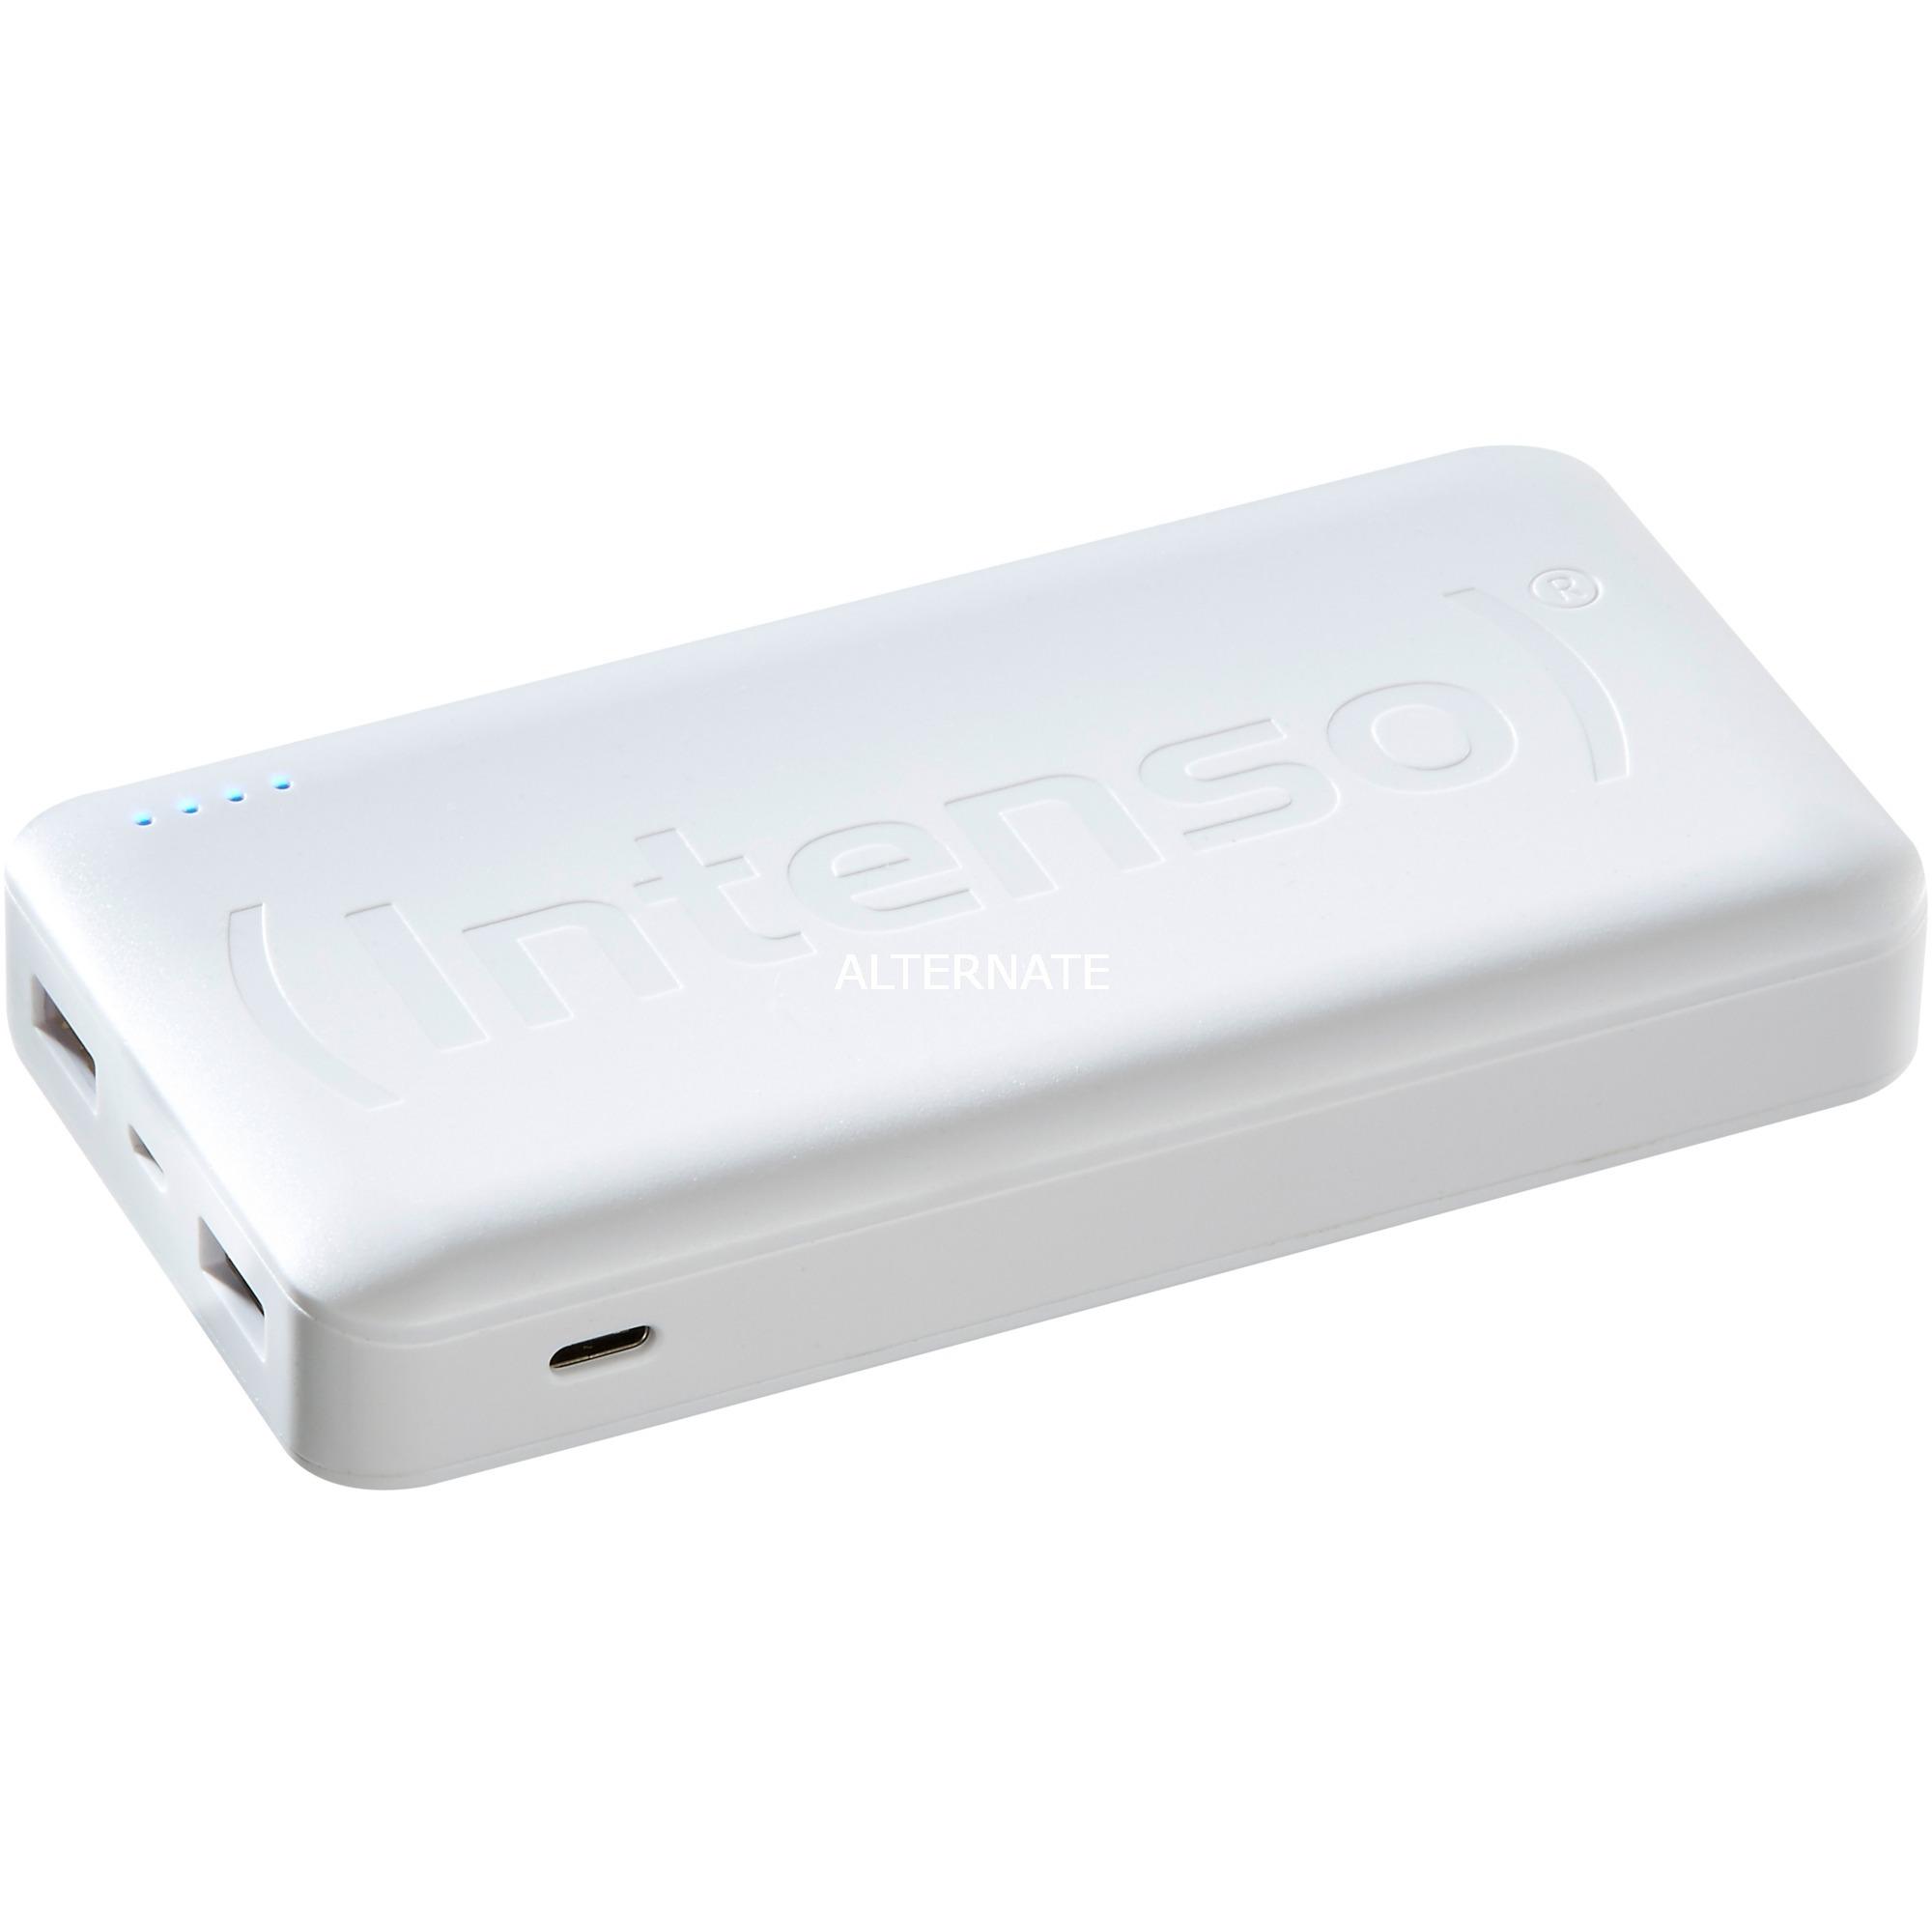 HC15000 batería externa Blanco Polímero de litio 15000 mAh, Banco de potencia